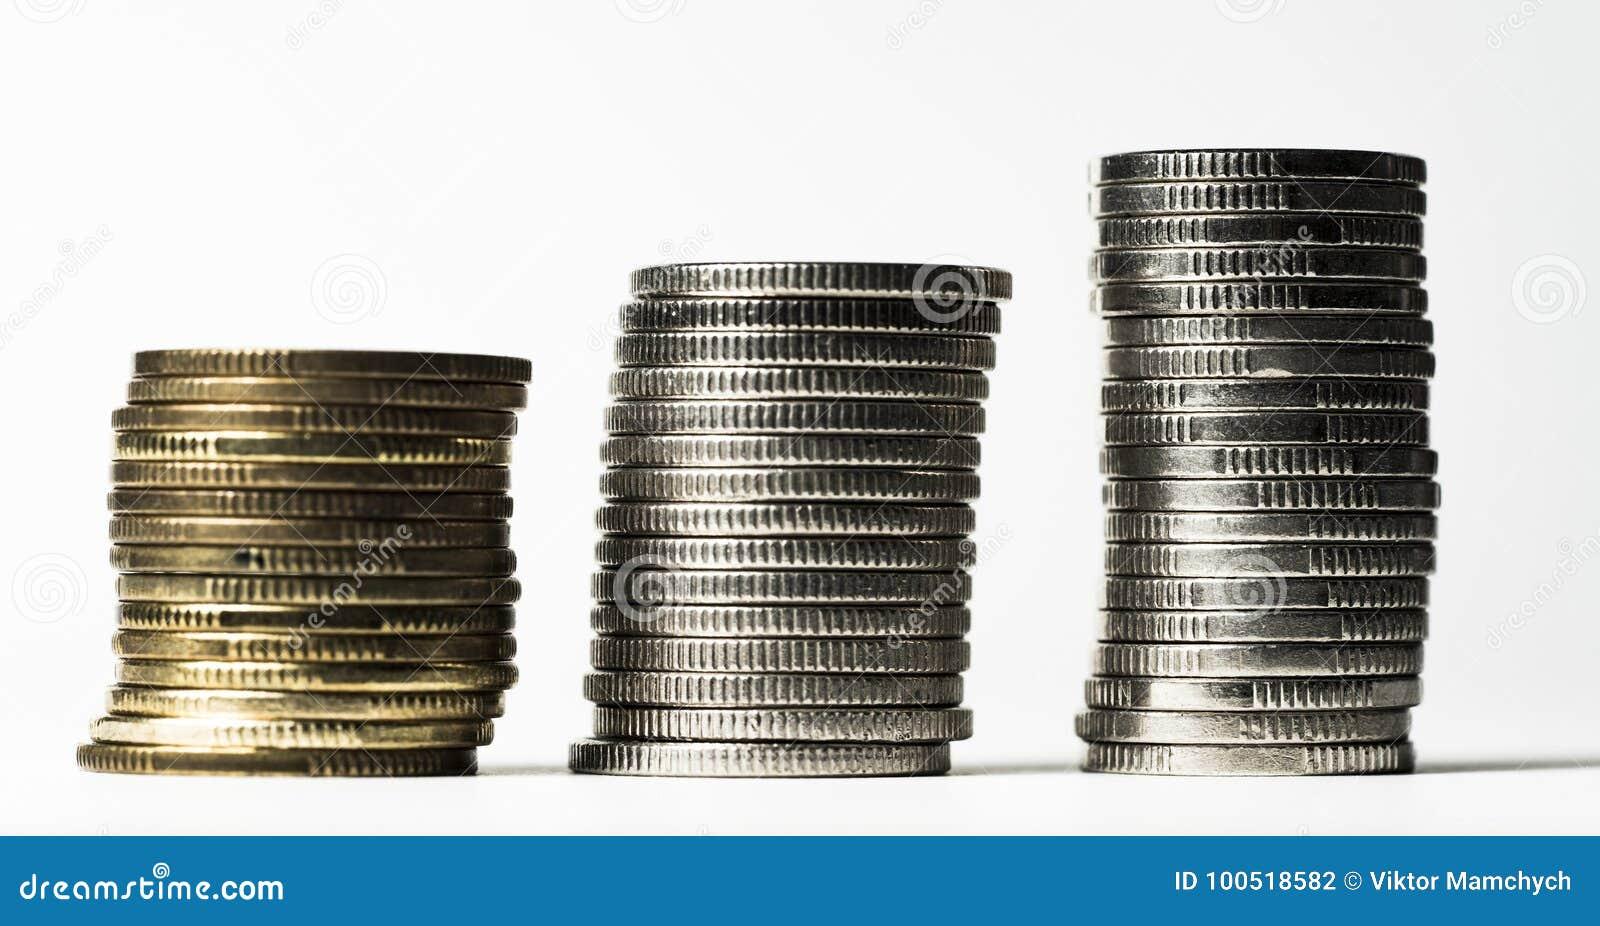 Pillars of coins